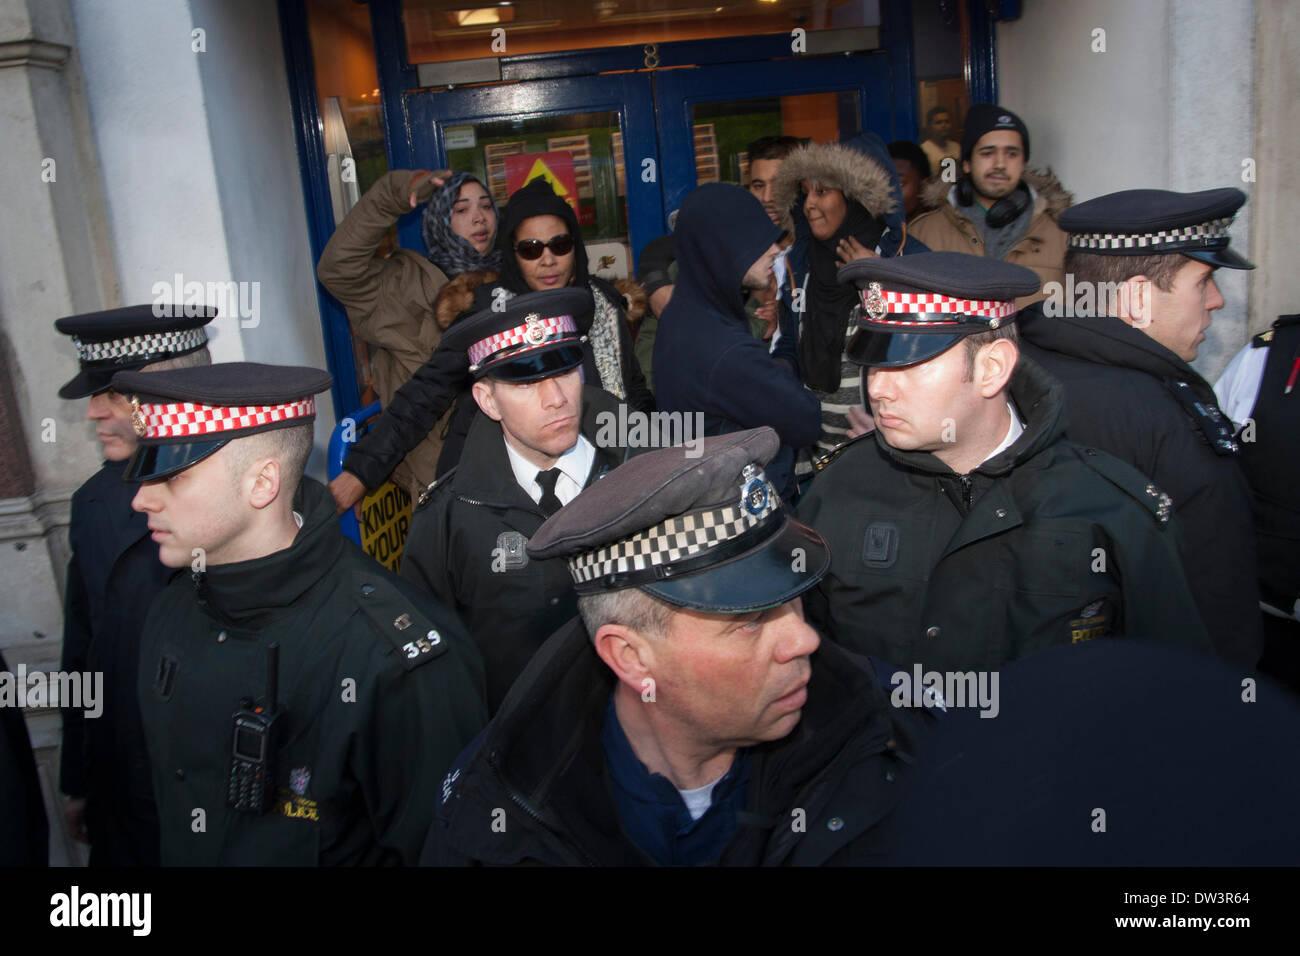 Old Bailey, London 26. Februar 2014. Polizei schützen eine Gruppe von Frauen, nachdem sie auf der Straße, als Mitglieder von mehreren rechtsextremen nationalistischen Gruppen versammelten sich im Old Bailey vor der Verurteilung von Michael Adebolajo und Michael Adebowale bedroht waren, britischen Soldat Schlagzeuger Lee Rigby ermordet. Bildnachweis: Paul Davey/Alamy Live-Nachrichten Stockbild